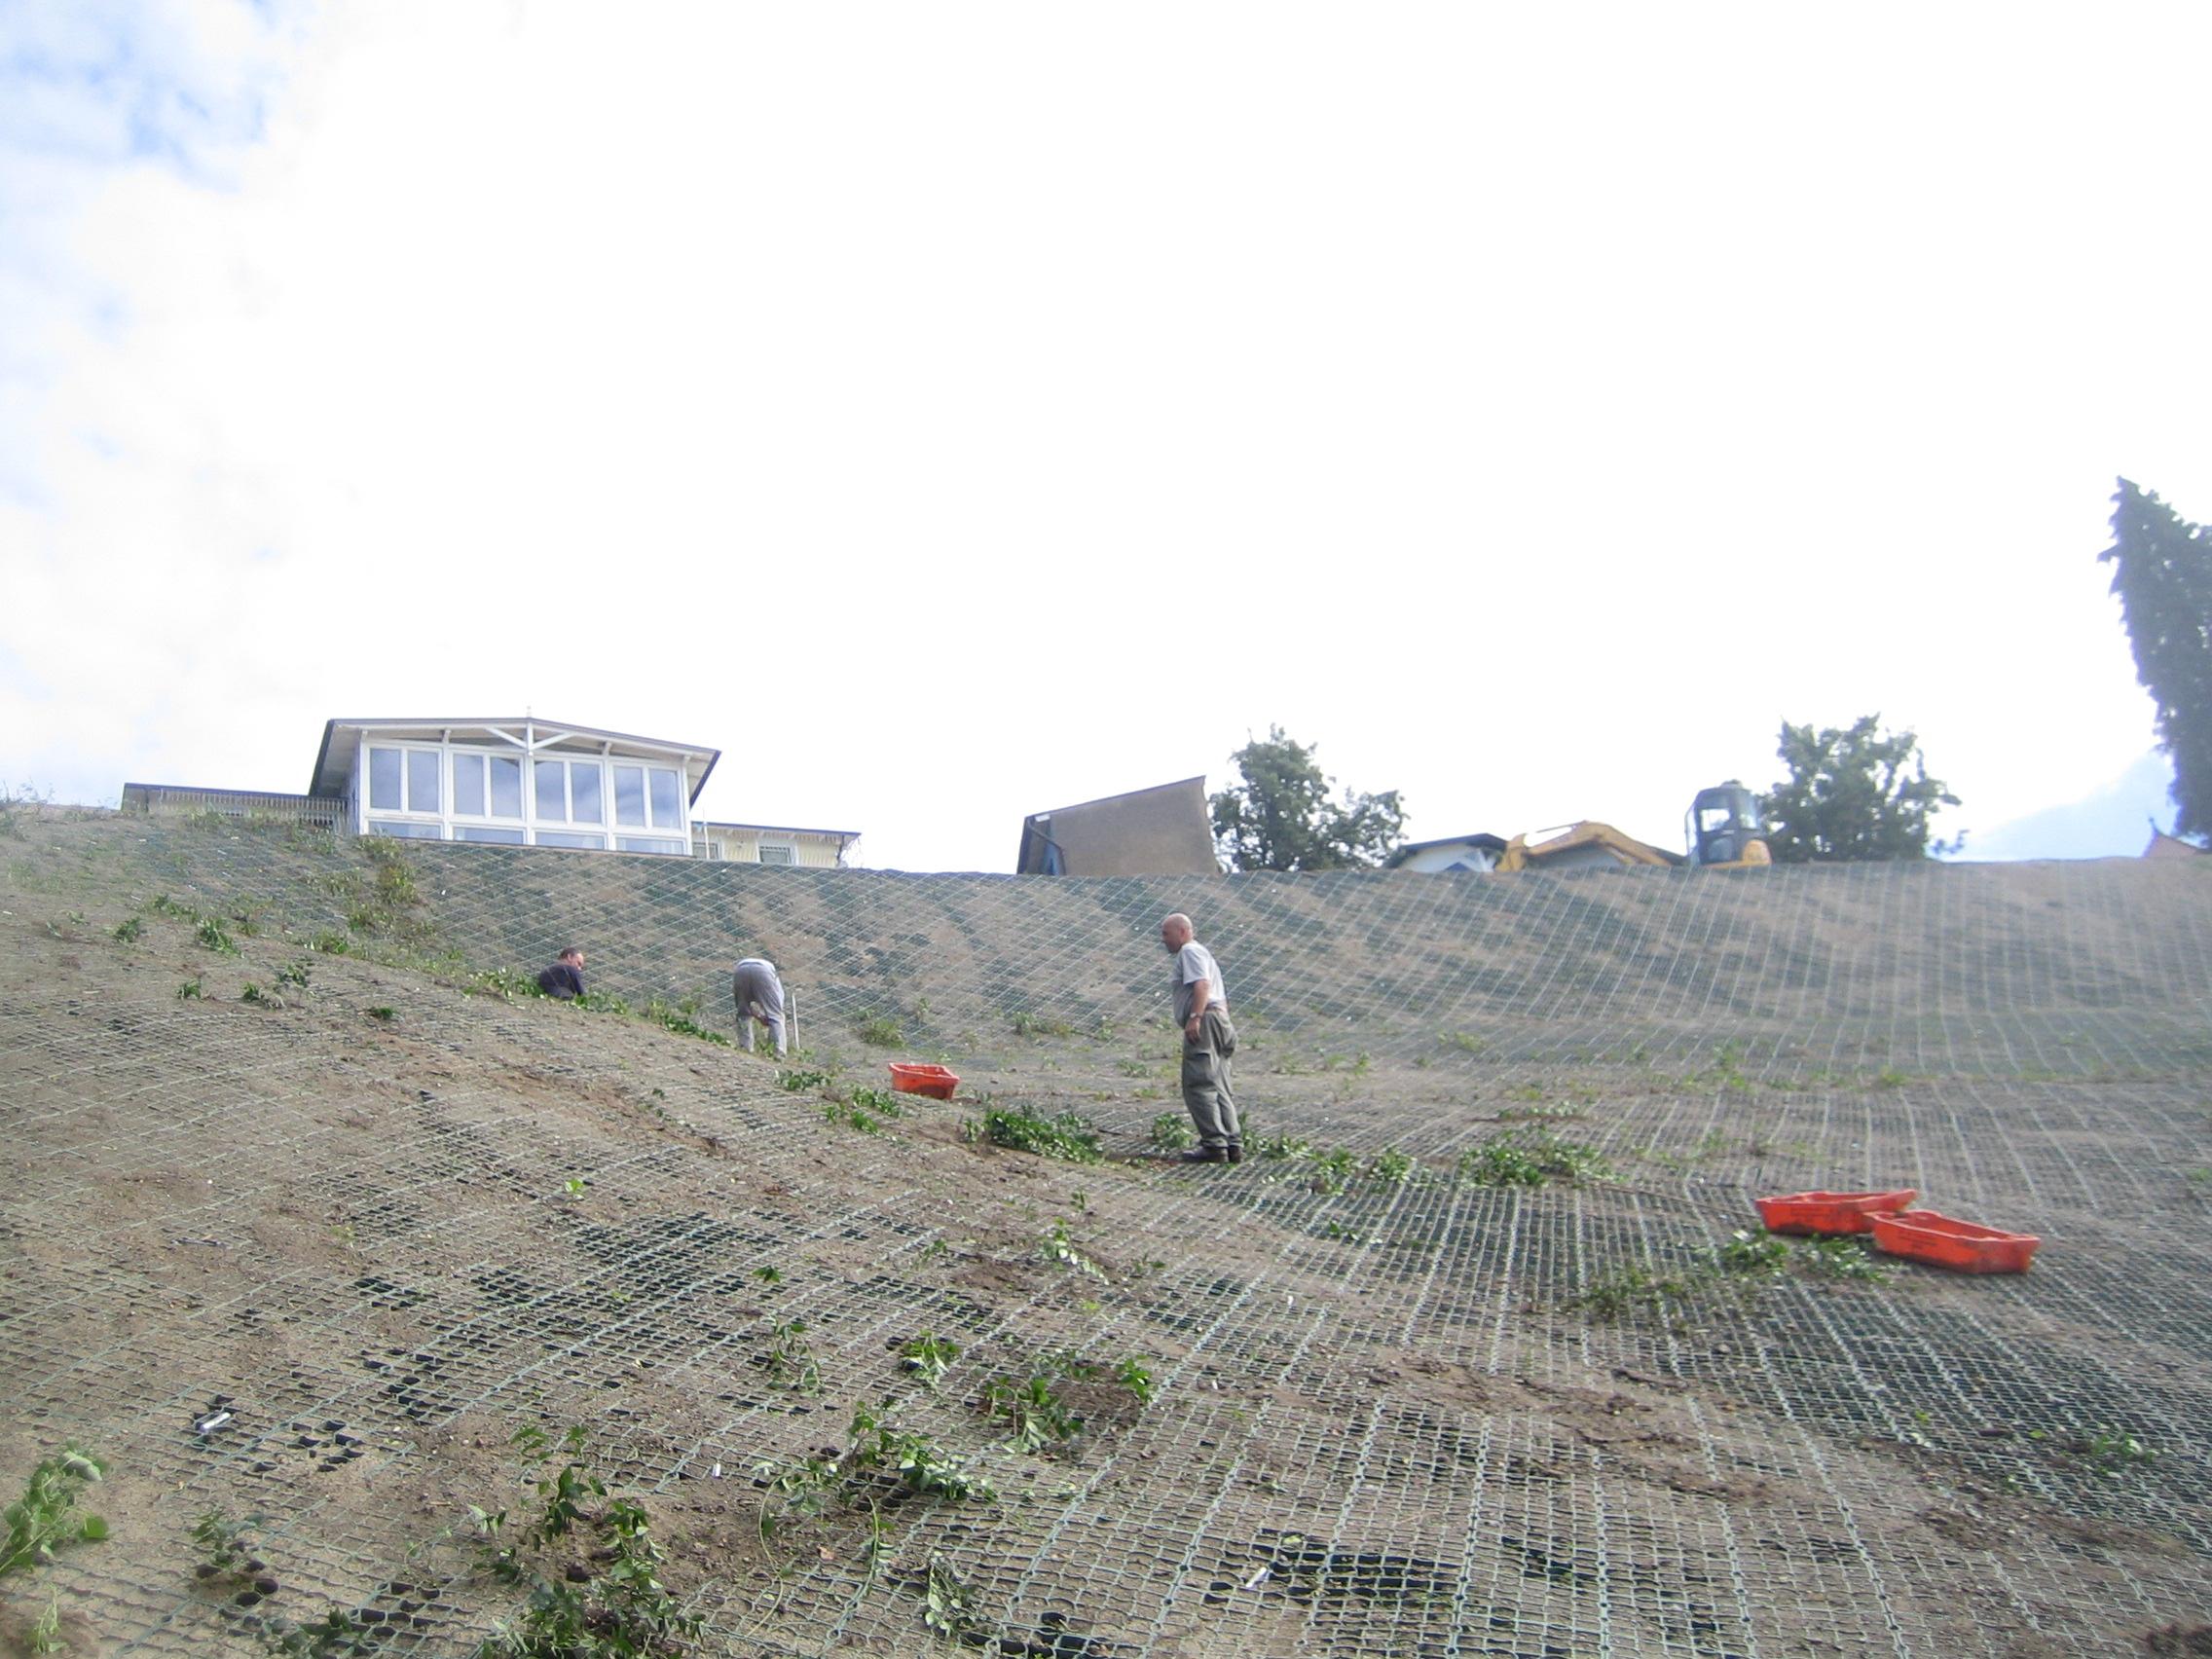 Lohme: Hangbefestitung über dem Hafen - Herbst 2012